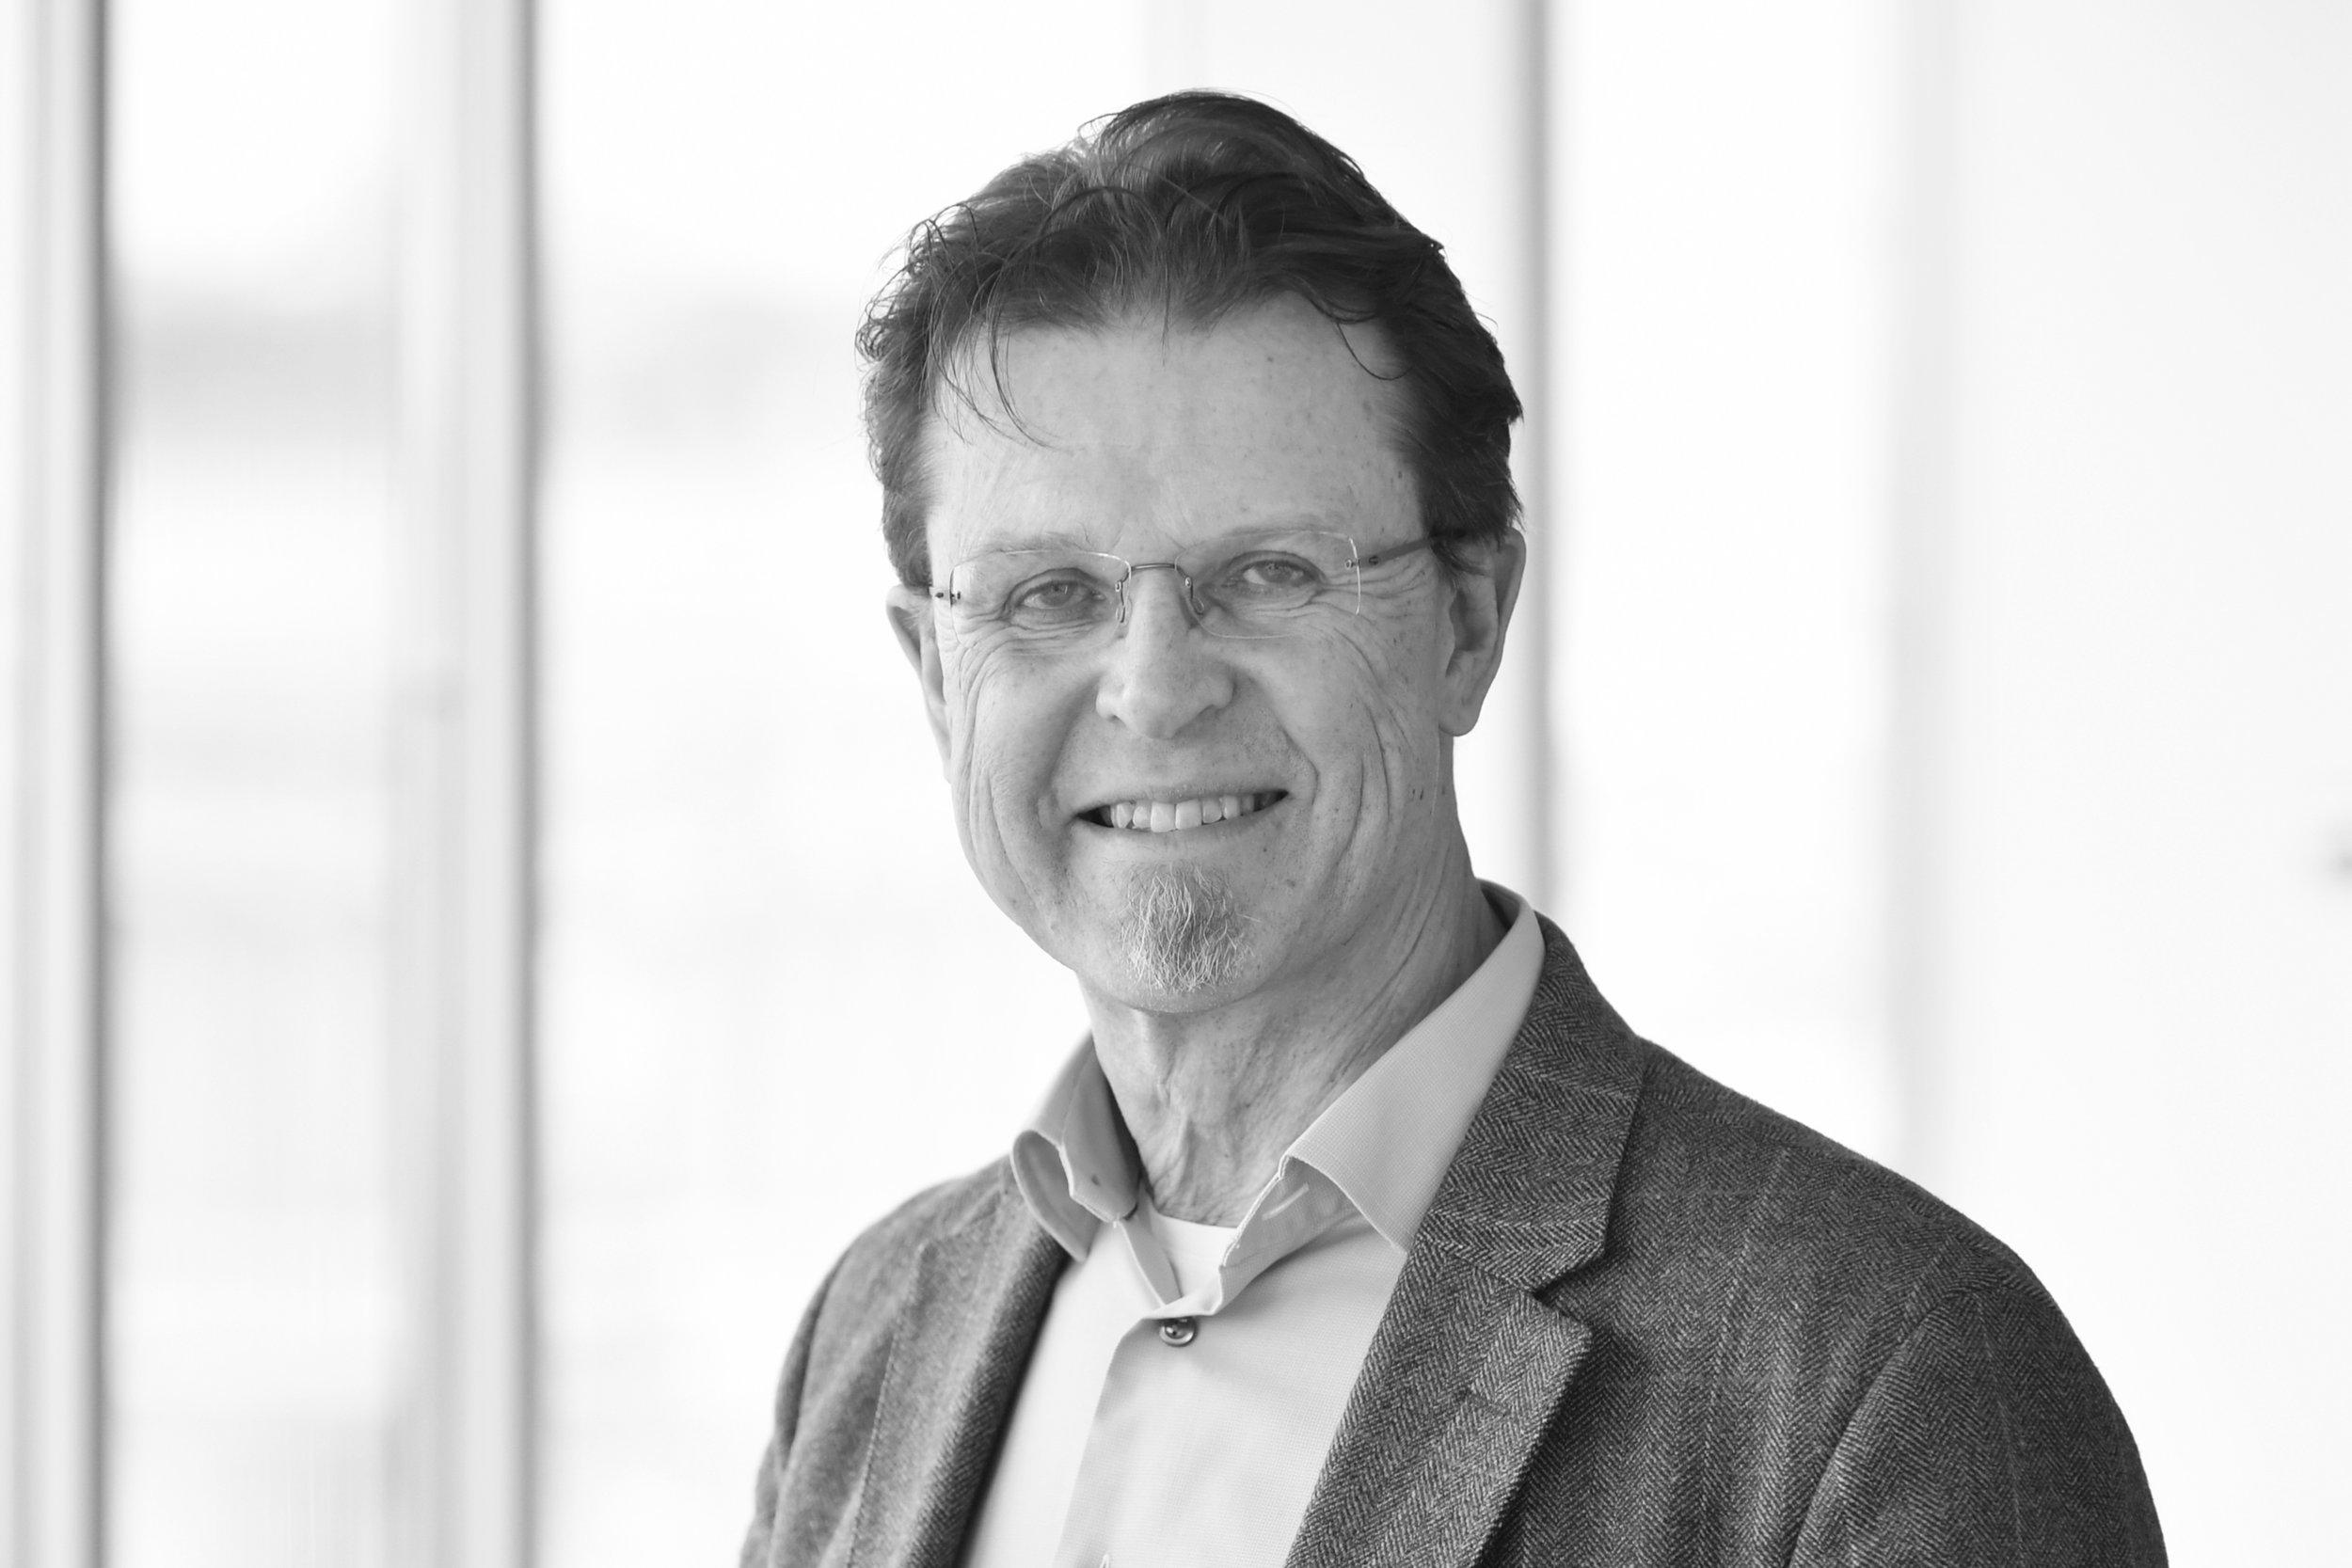 JanEric Peterson - Perustaja ja partneriJaneric Peterson on perustanut Nordic Interimin vuonna 2004. Hänen taustansa on kansainvälisistä interim ja liikkejohdon konsultointiyrityksistä. Lue lisää →+46 (0)8 503 855 00